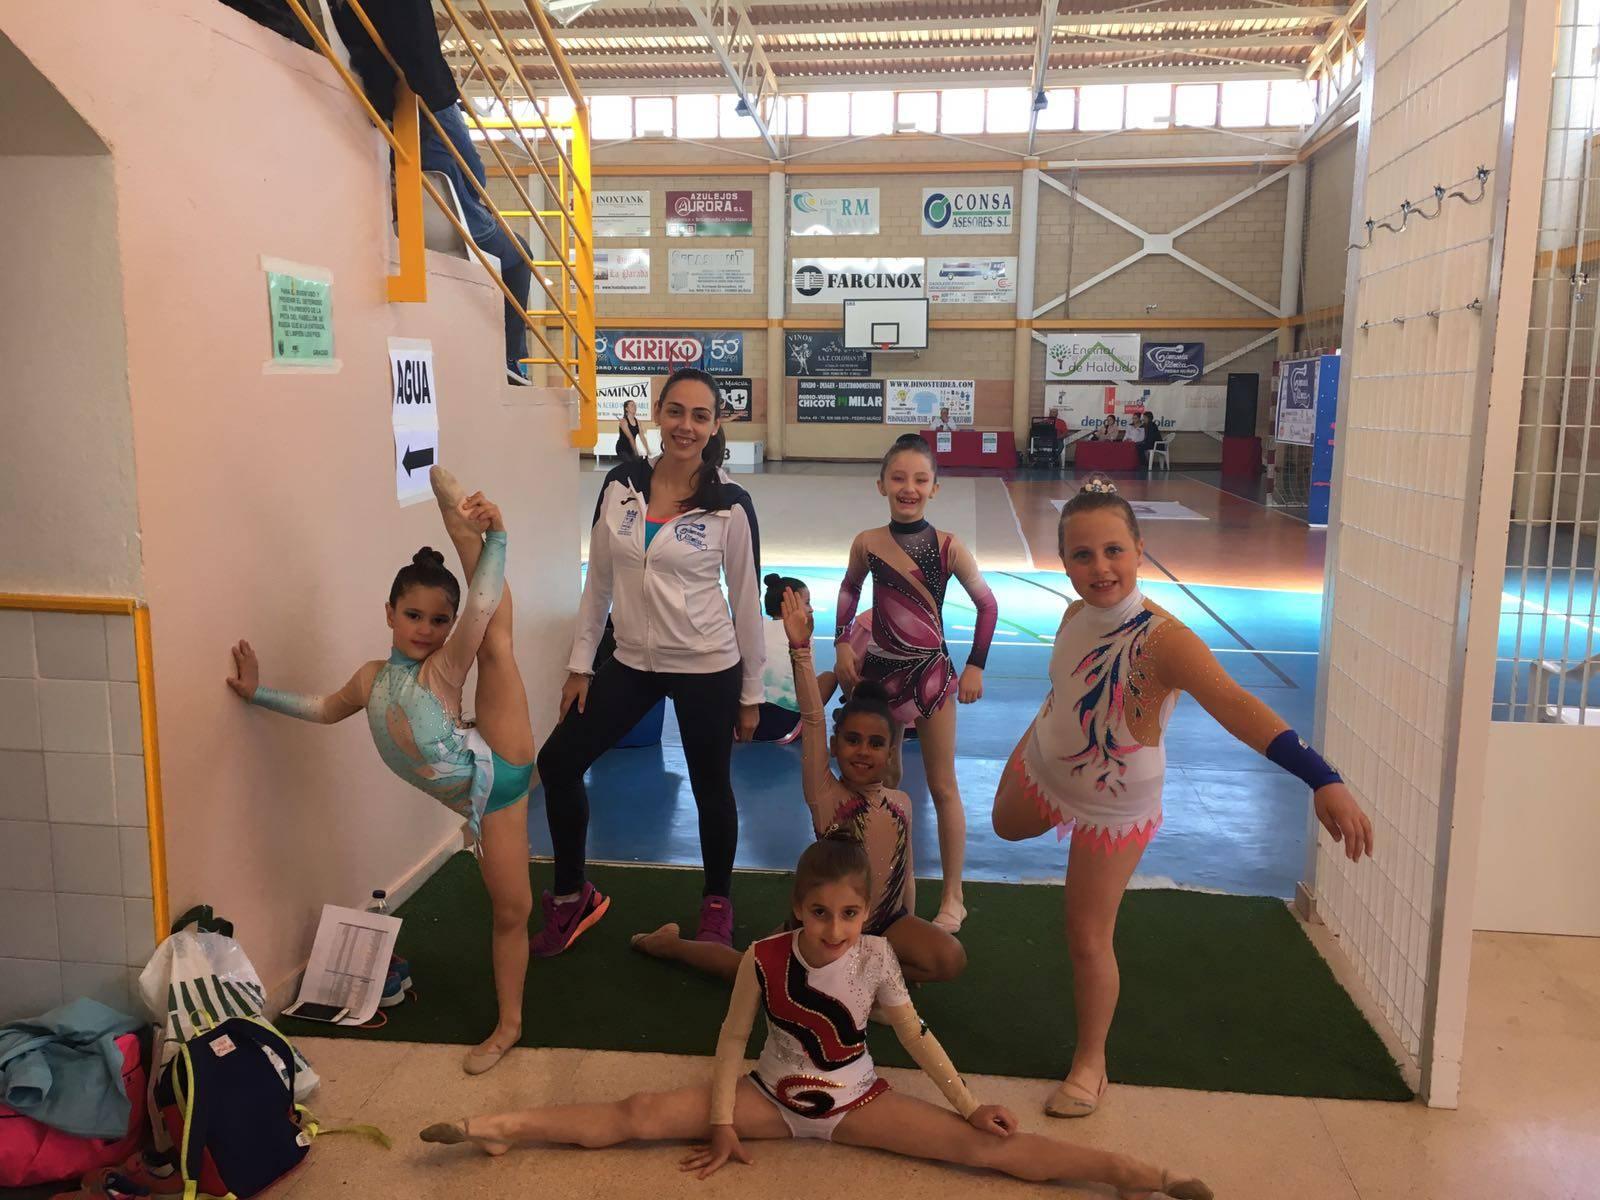 equipo gimnasia ritmica herencia - Herencia en la II Fase del campeonato provincial en Pedro Muñoz